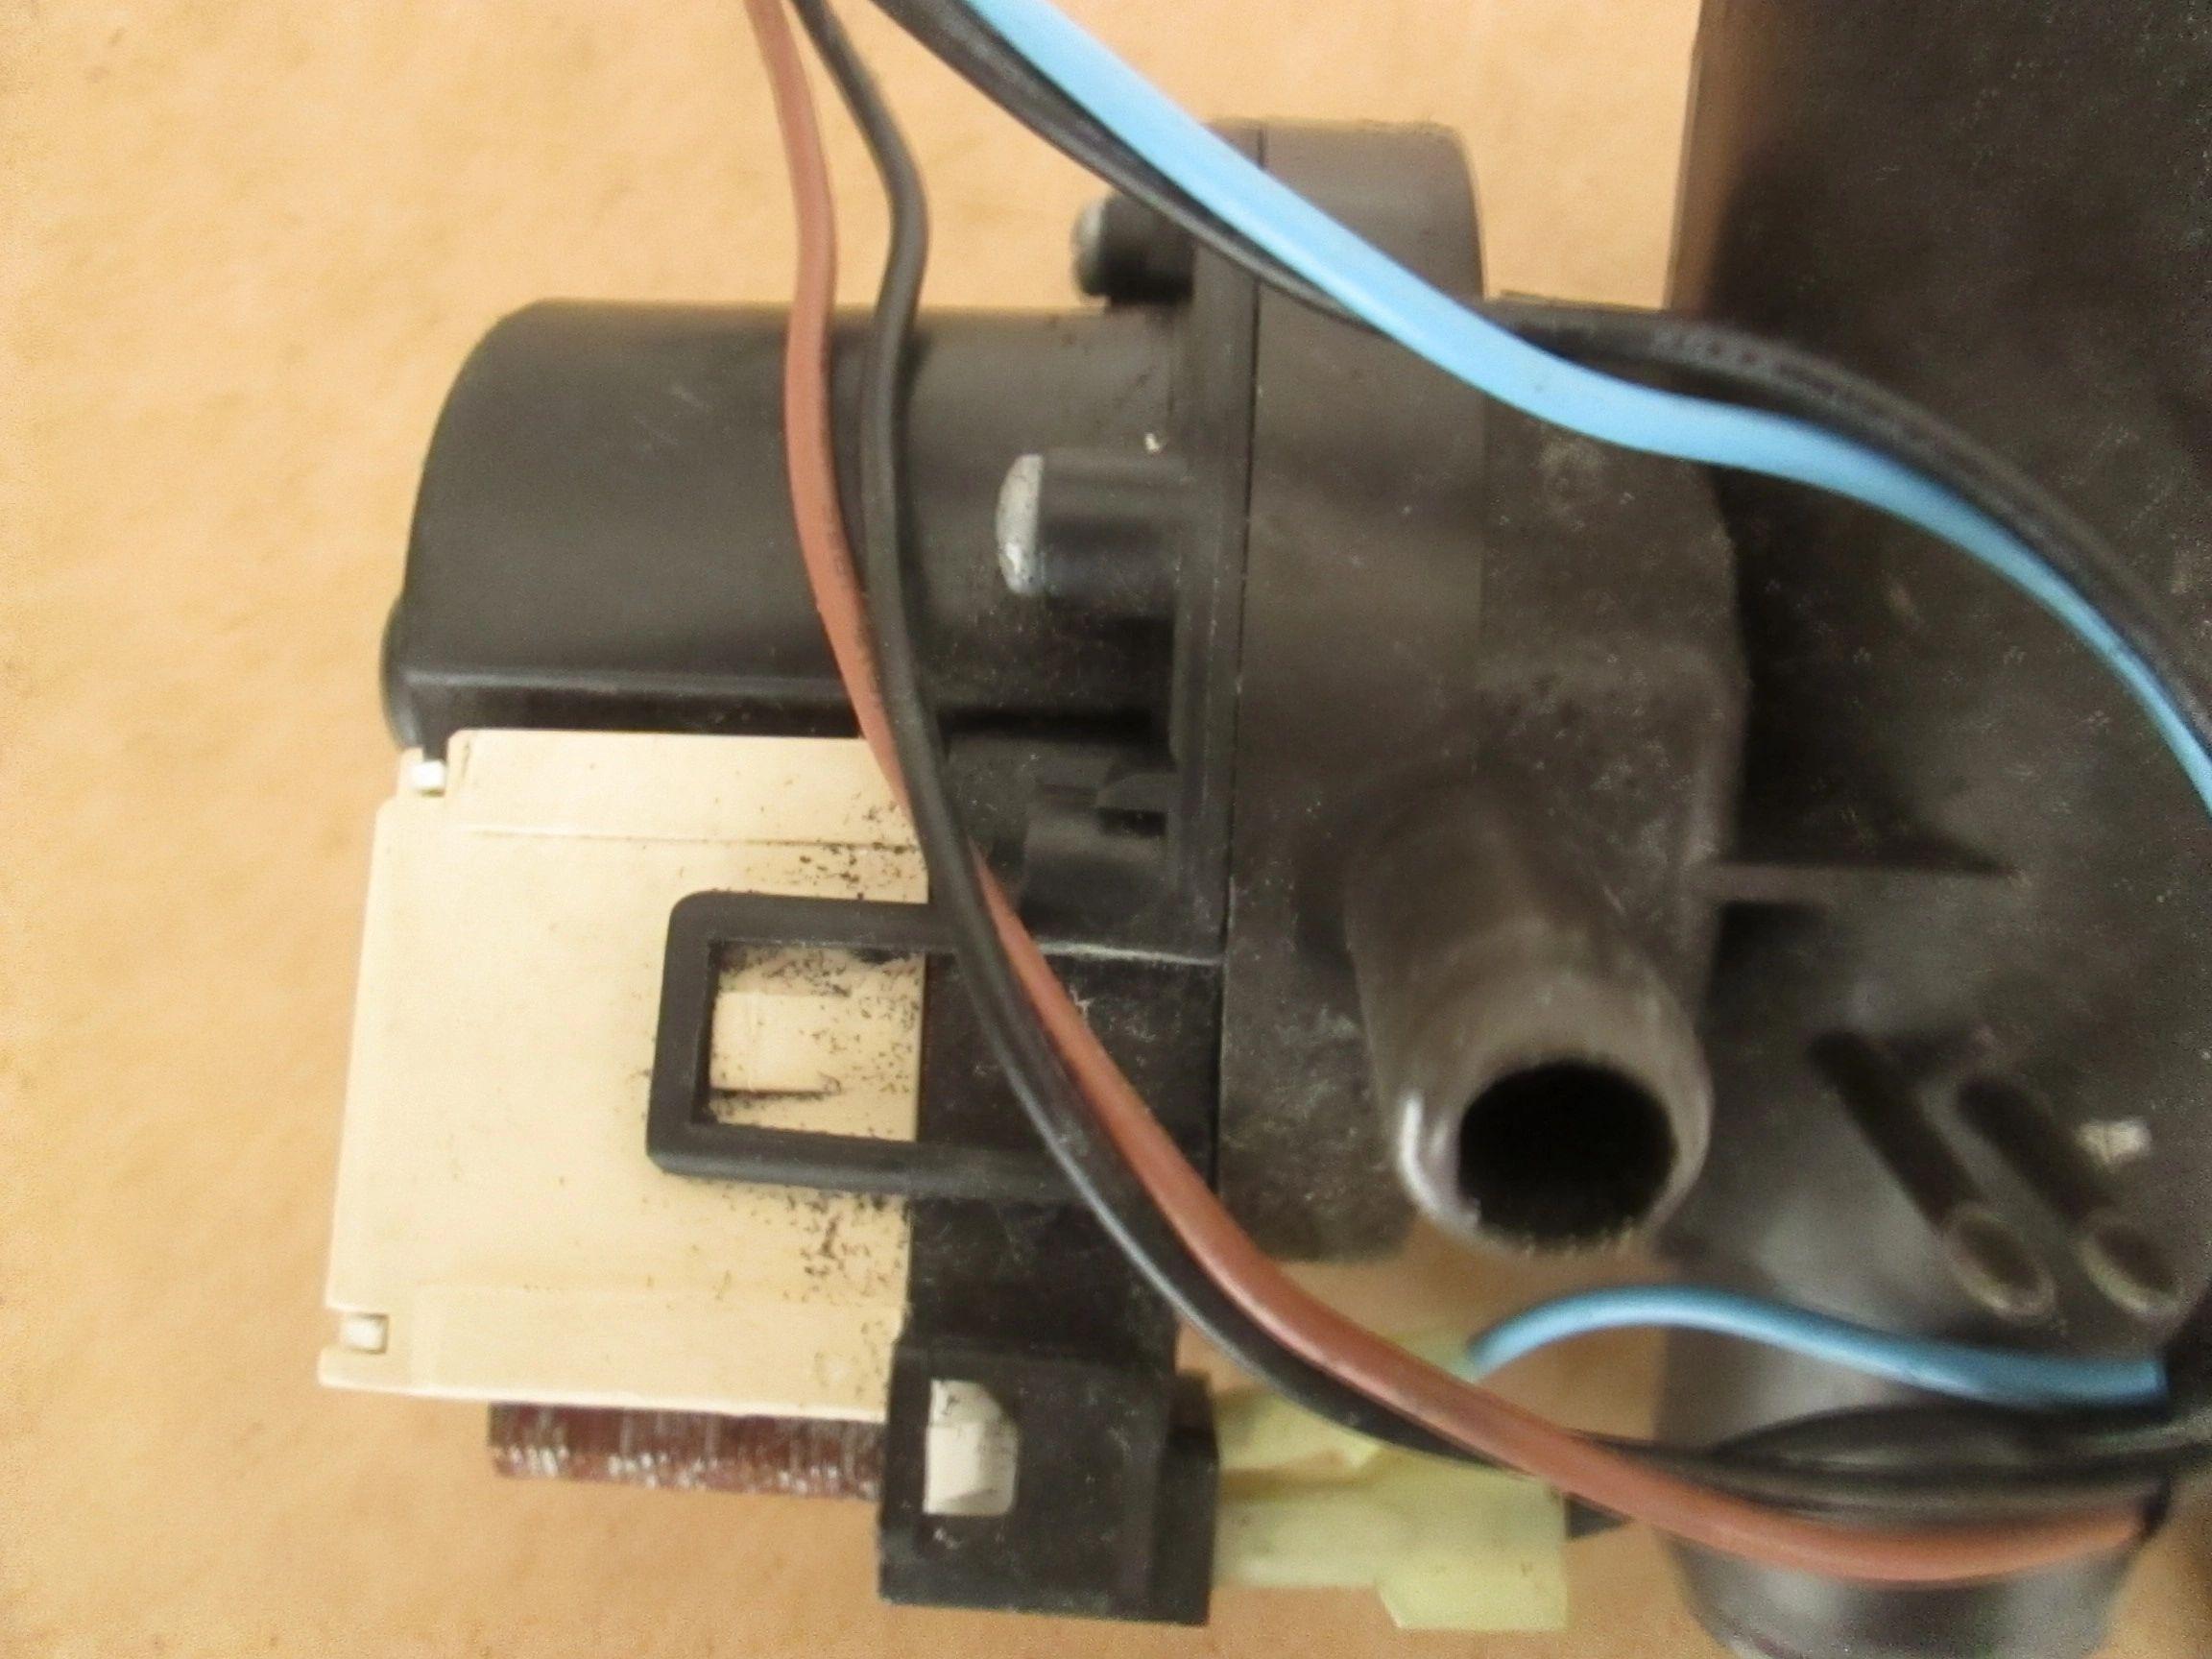 LG WM14316FD CONTROL MODULE WASHING MACHINE